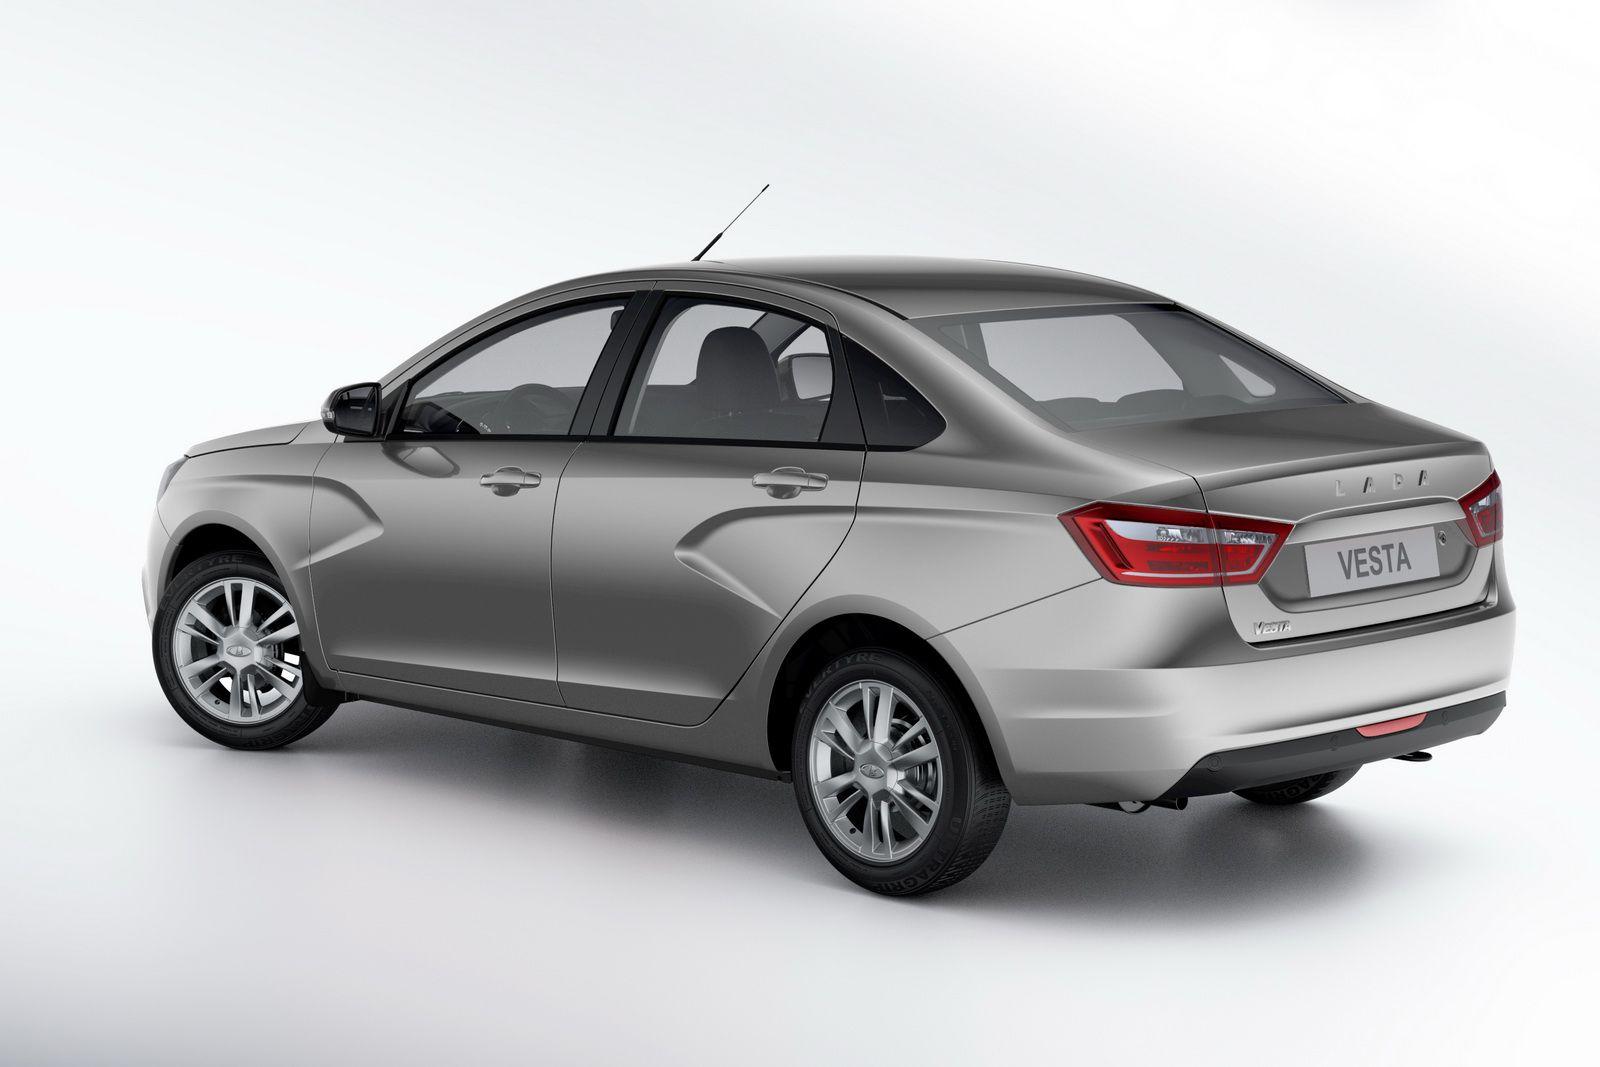 Avtovaz Starts Production Of All New Lada Vesta Sedan W Videos Carscoops Lada Vesta Vesta Sedan